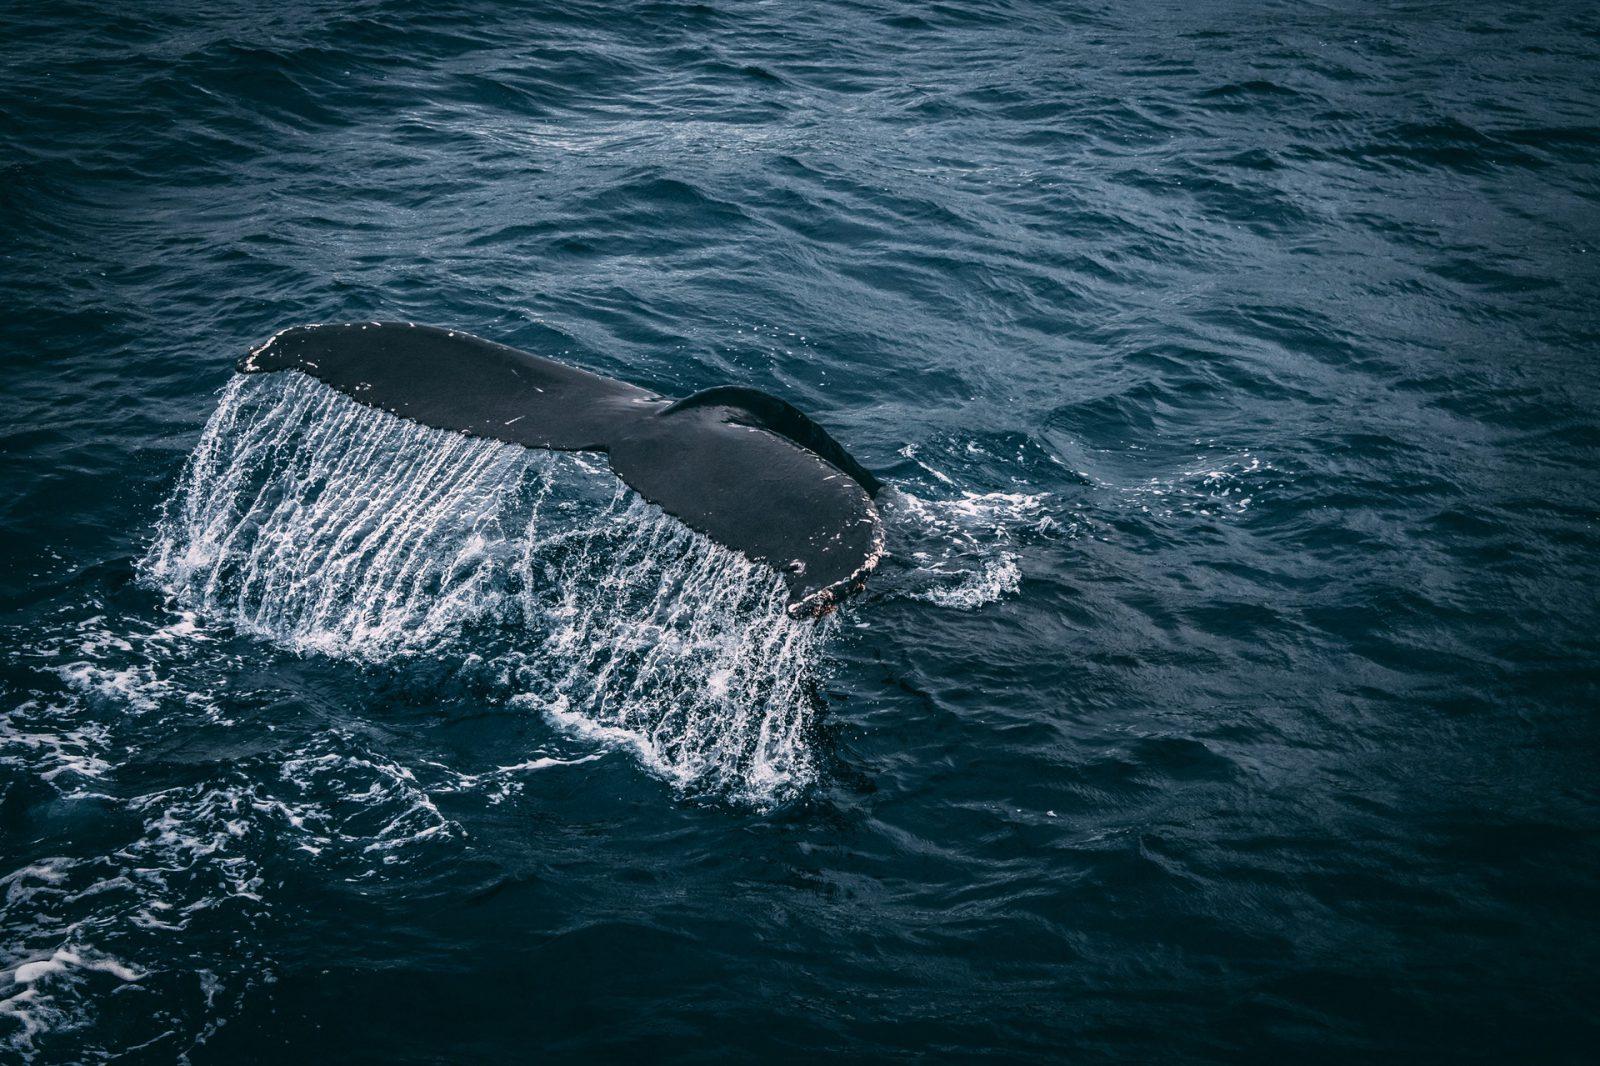 Sonhar com baleia azul significa necessidade de isolamento.